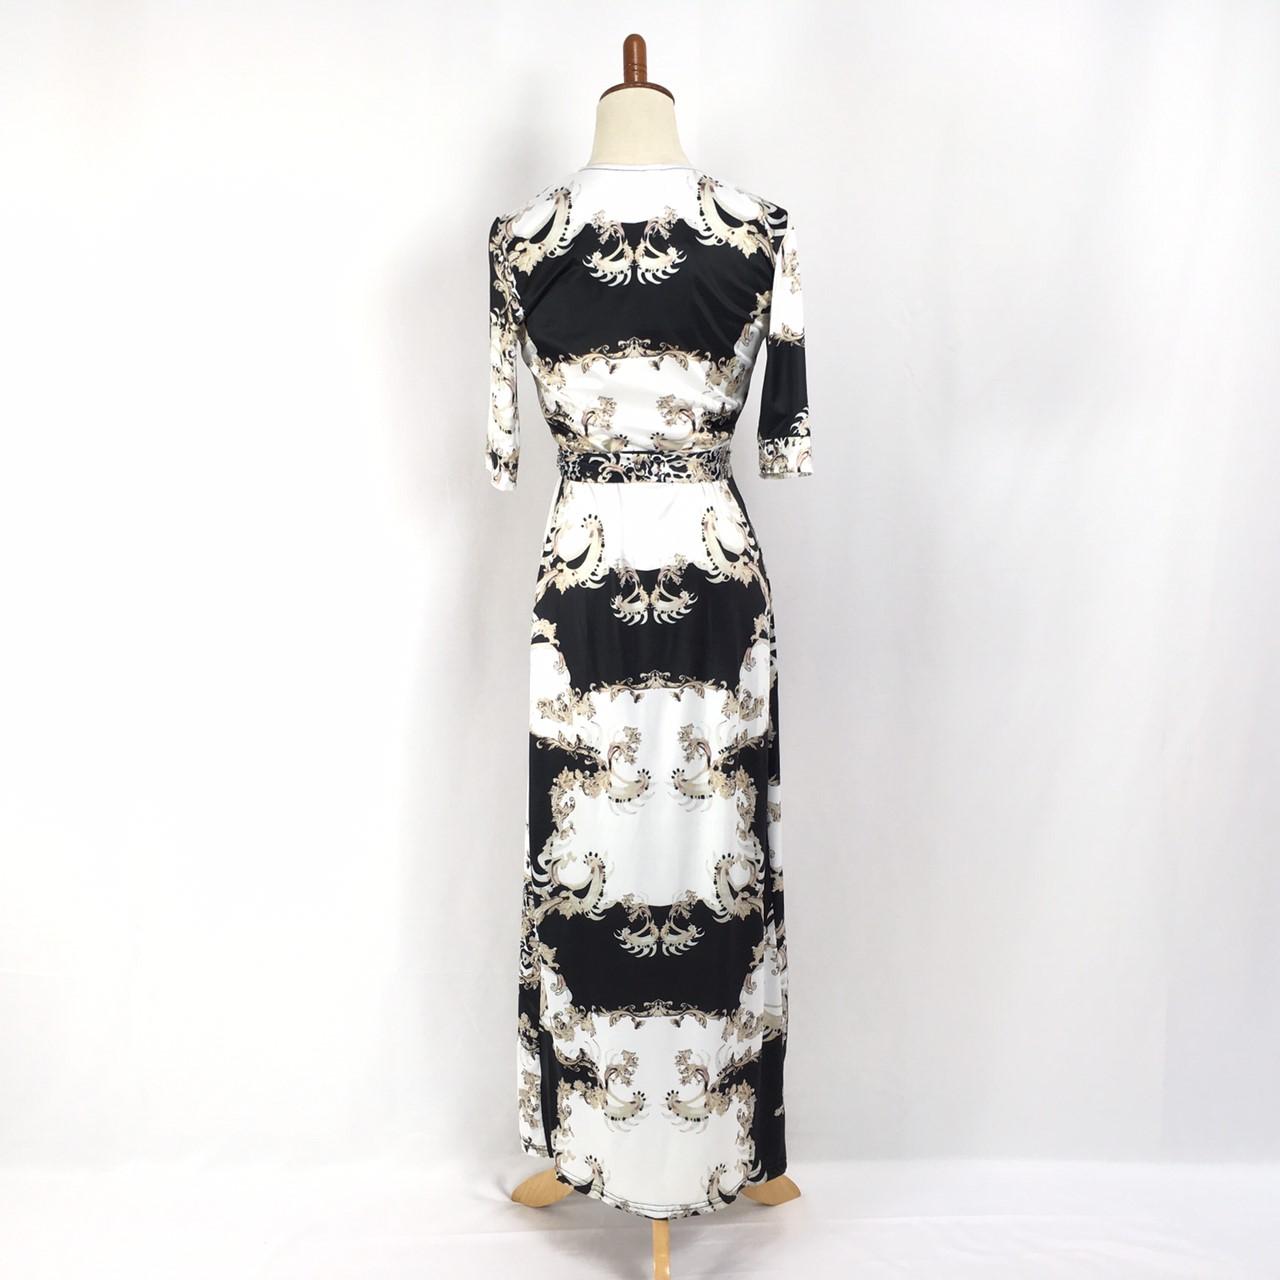 韓国 ファッション ワンピース パーティードレス ロング マキシ 夏 春 パーティー ブライダル PTXF019 結婚式 お呼ばれ カシュクール ハイショルダー ウエストマー 二次会 セレブ きれいめの写真13枚目